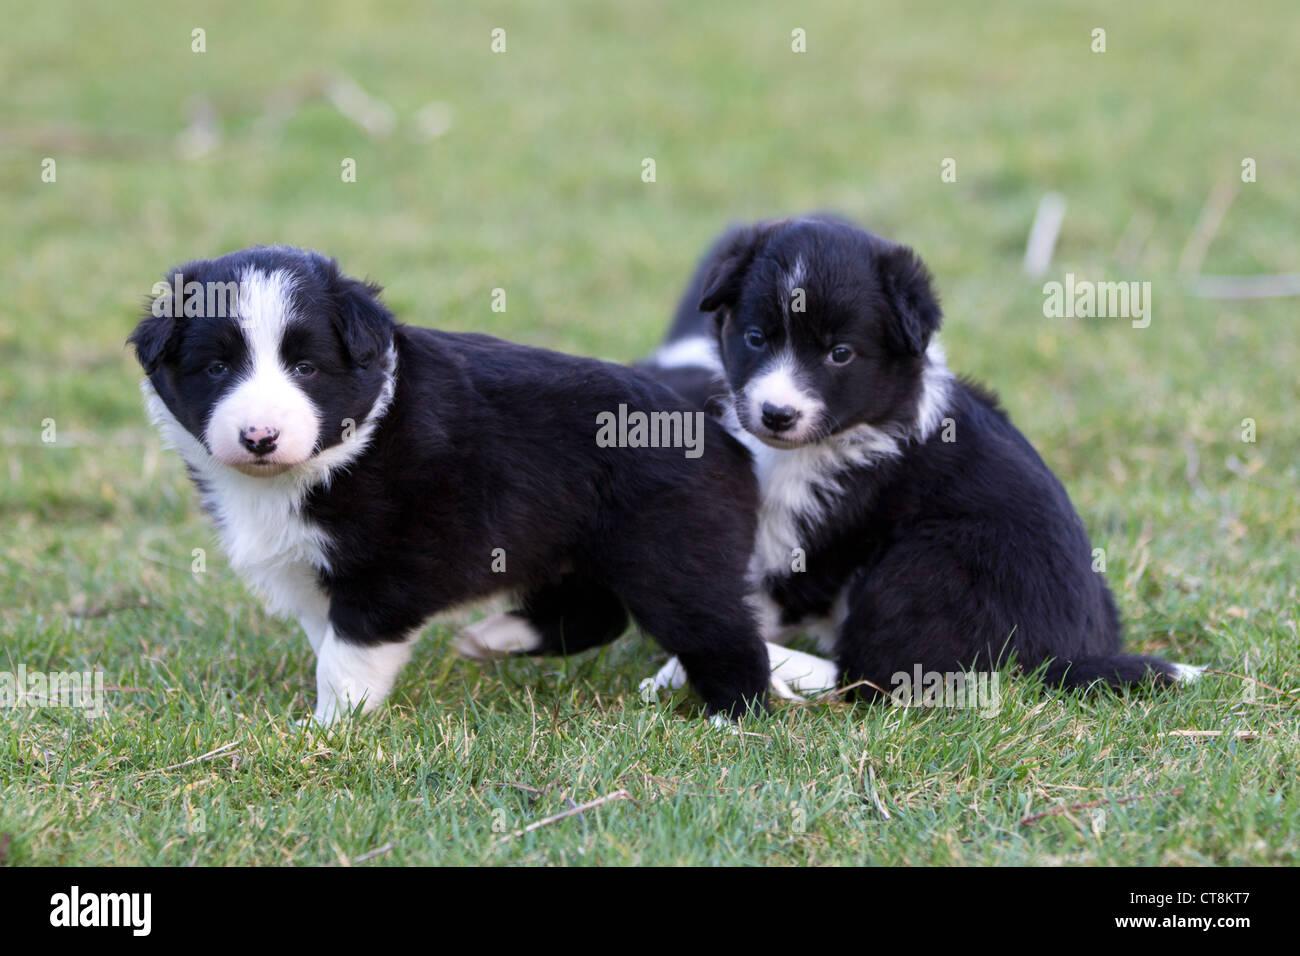 black white puppies stock photos black white puppies stock